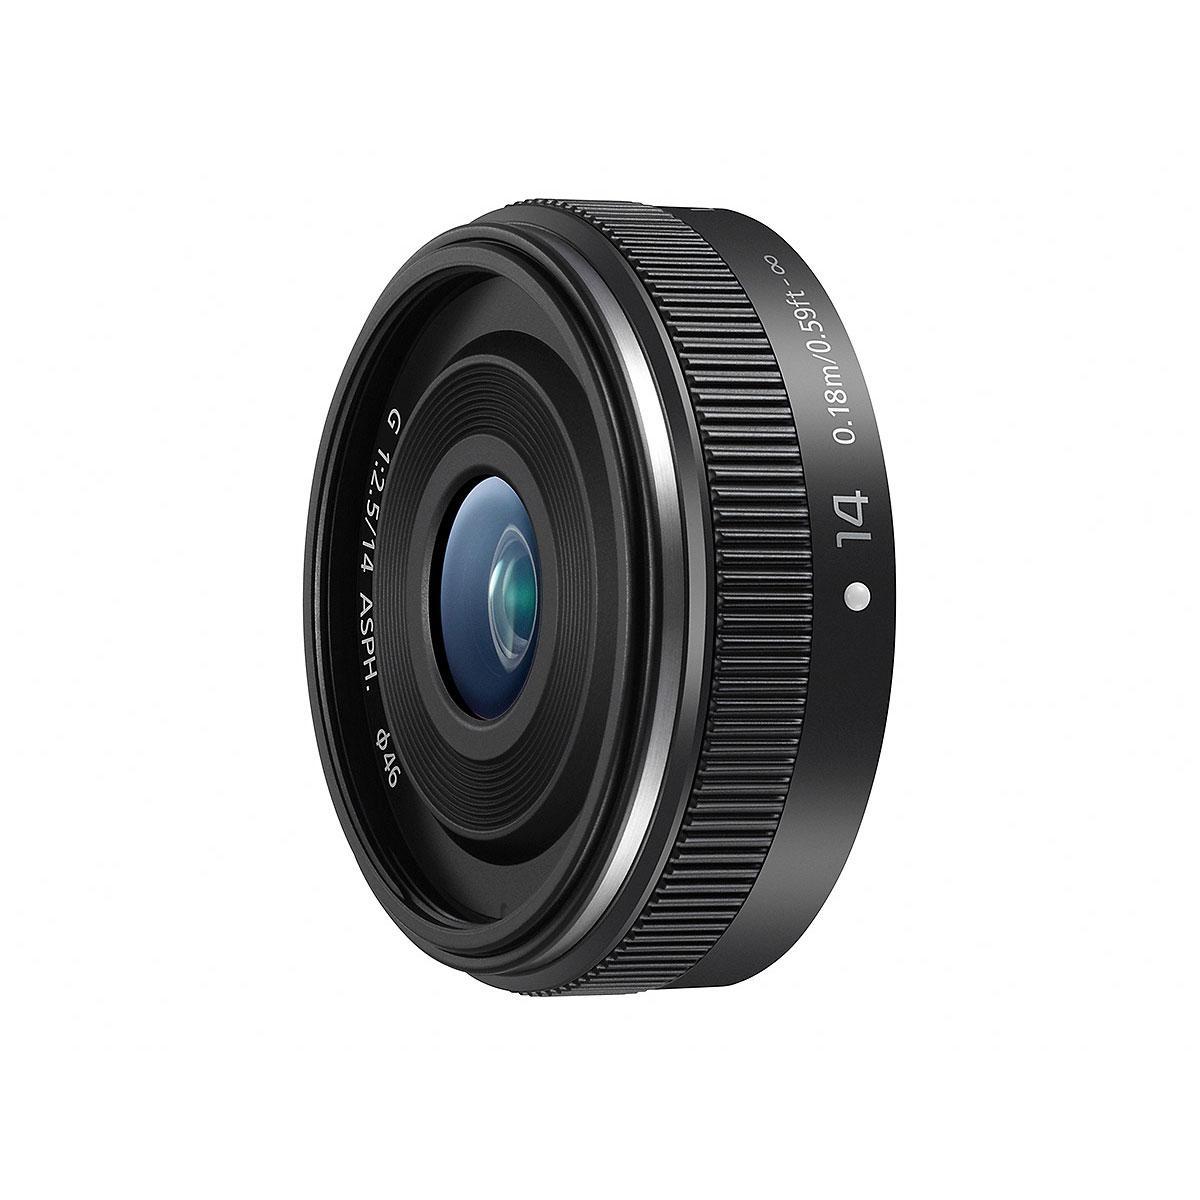 Panasonic LUMIX G 14mm f/2.5 ASPH II